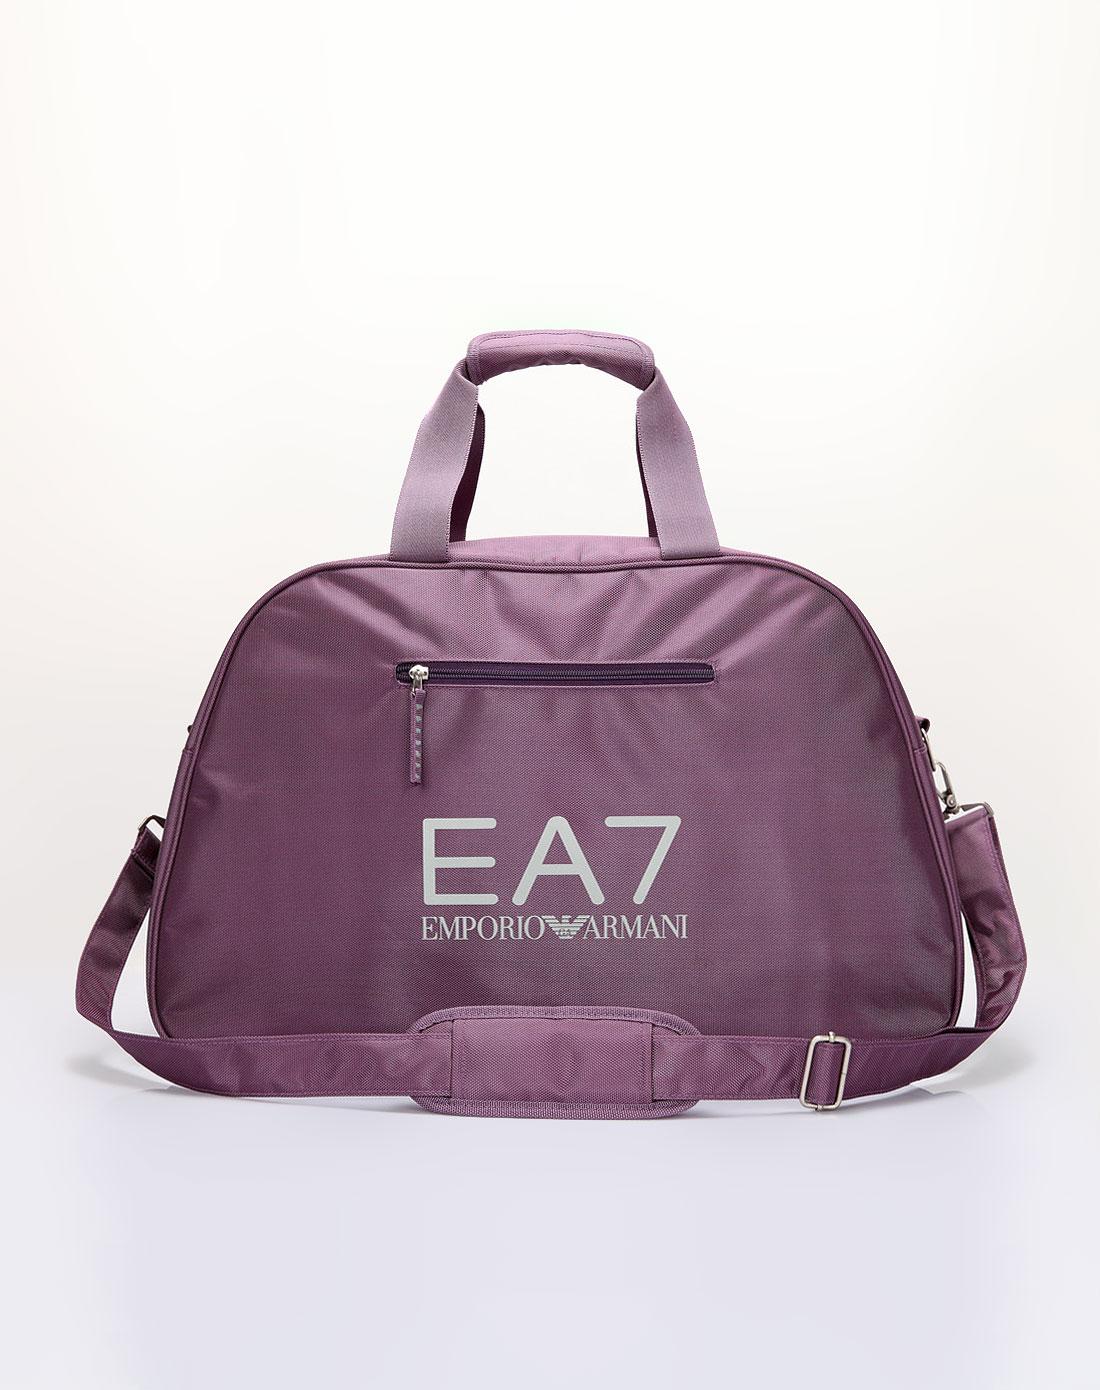 阿玛尼armani包包专场中性紫红色实用旅行包